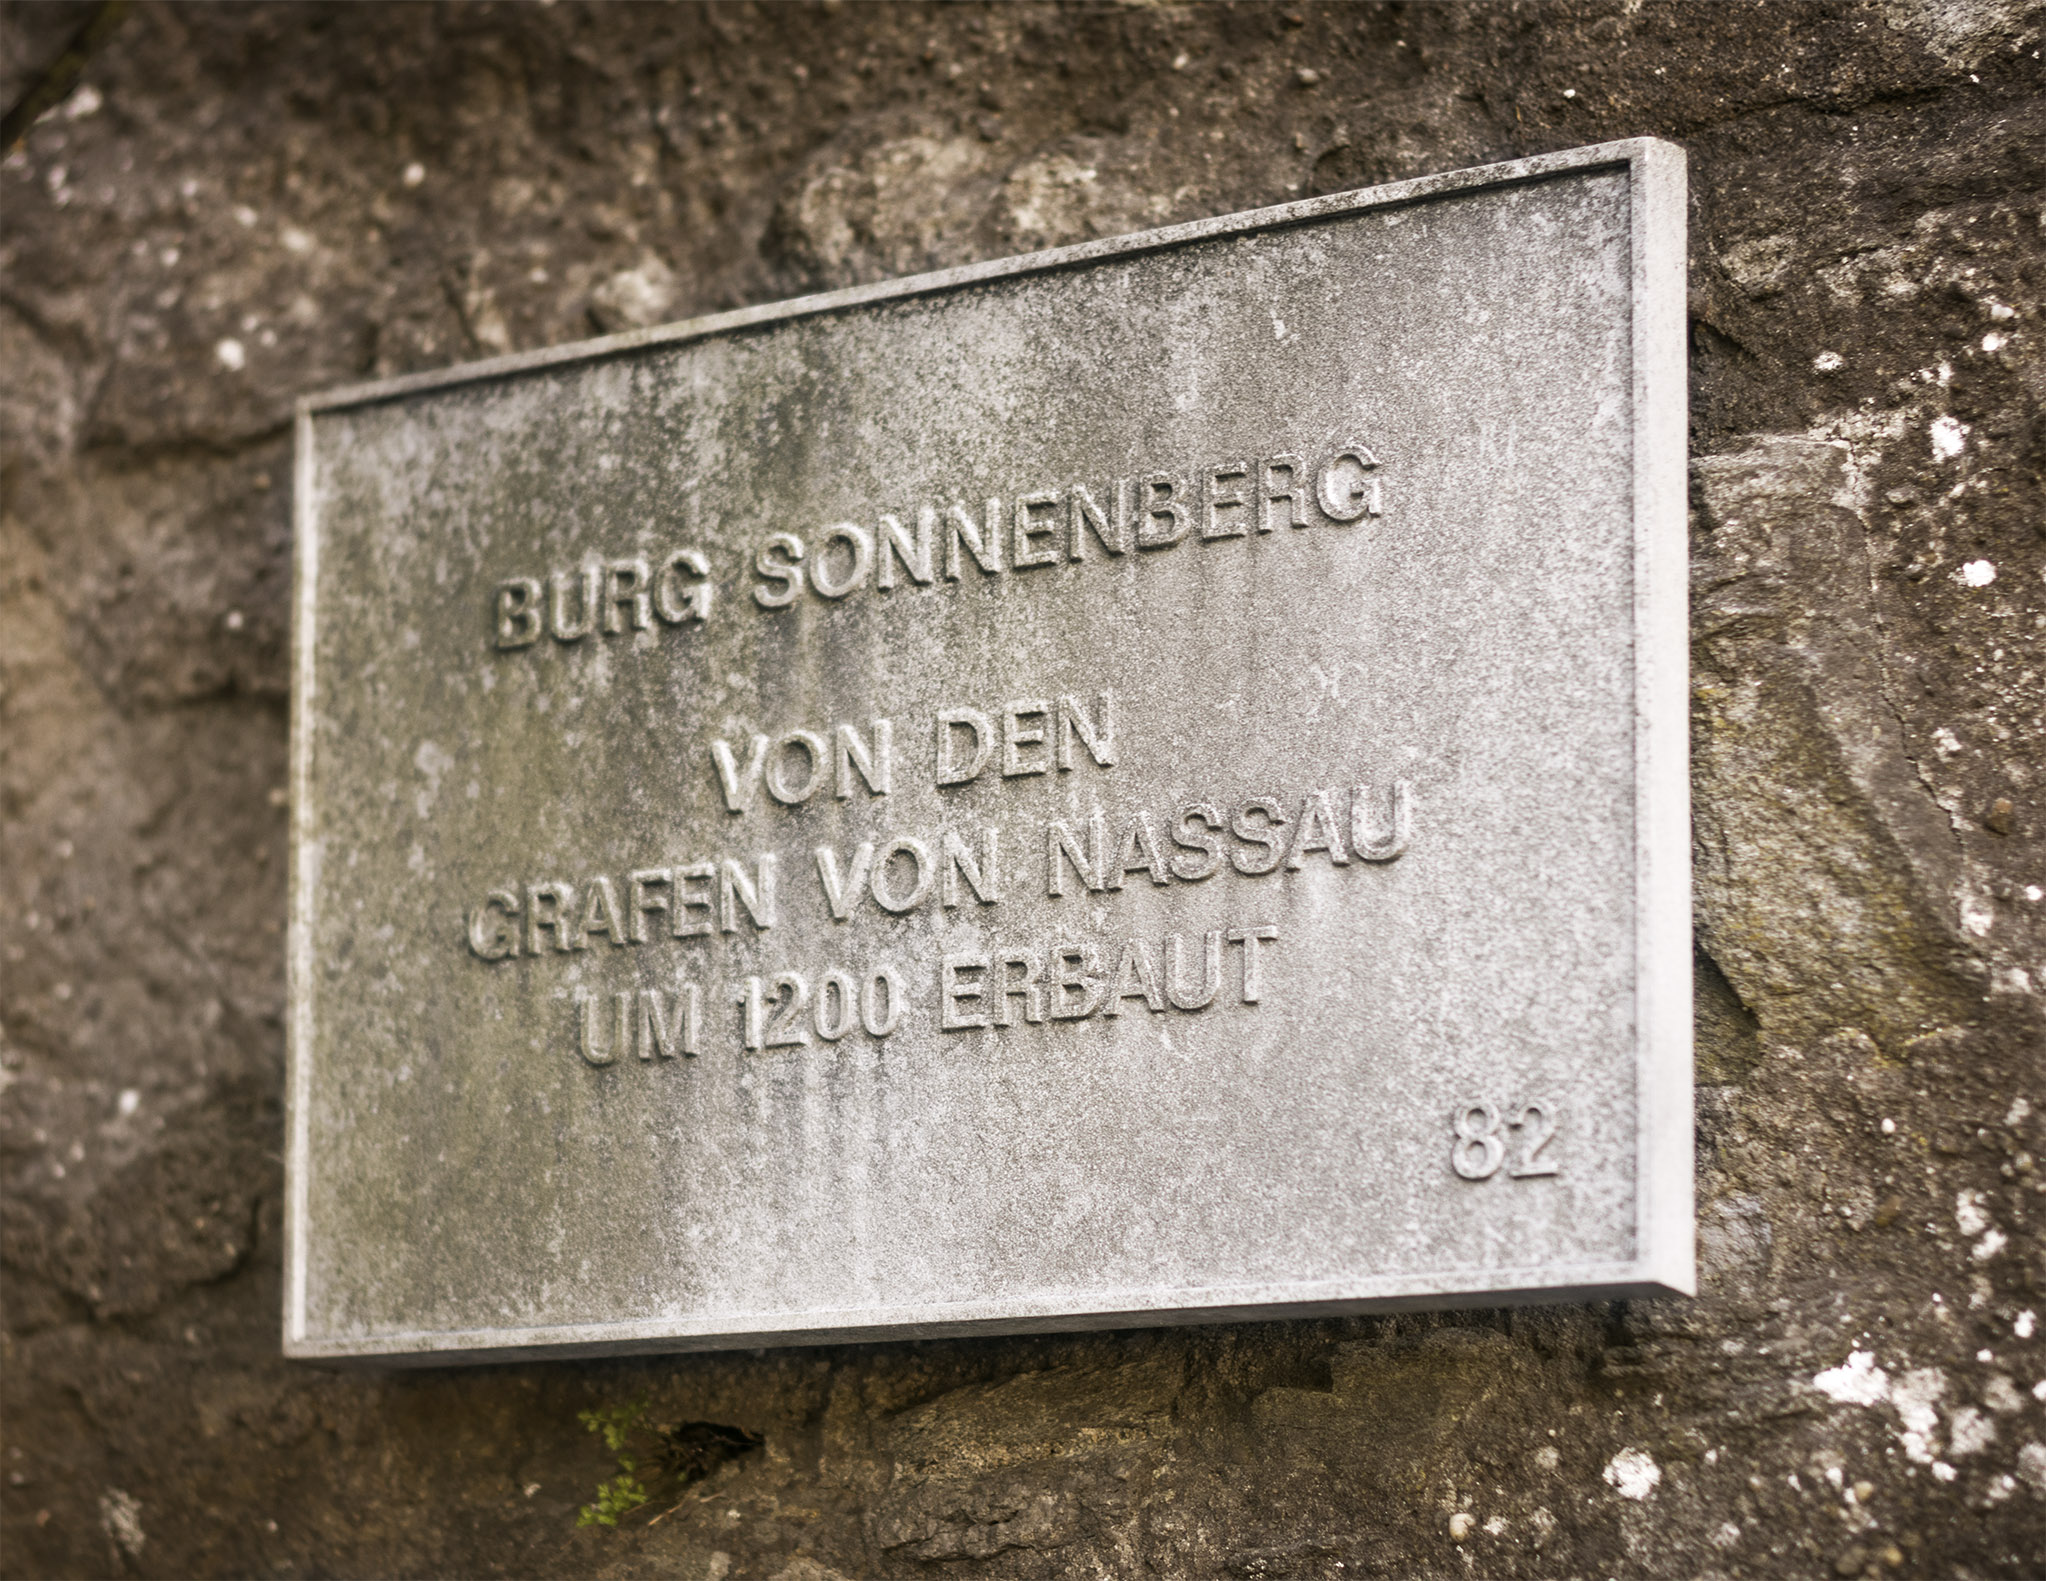 Wiesbadener-Burgfestspiele_Burg-Sonnenberg_Schild.jpg